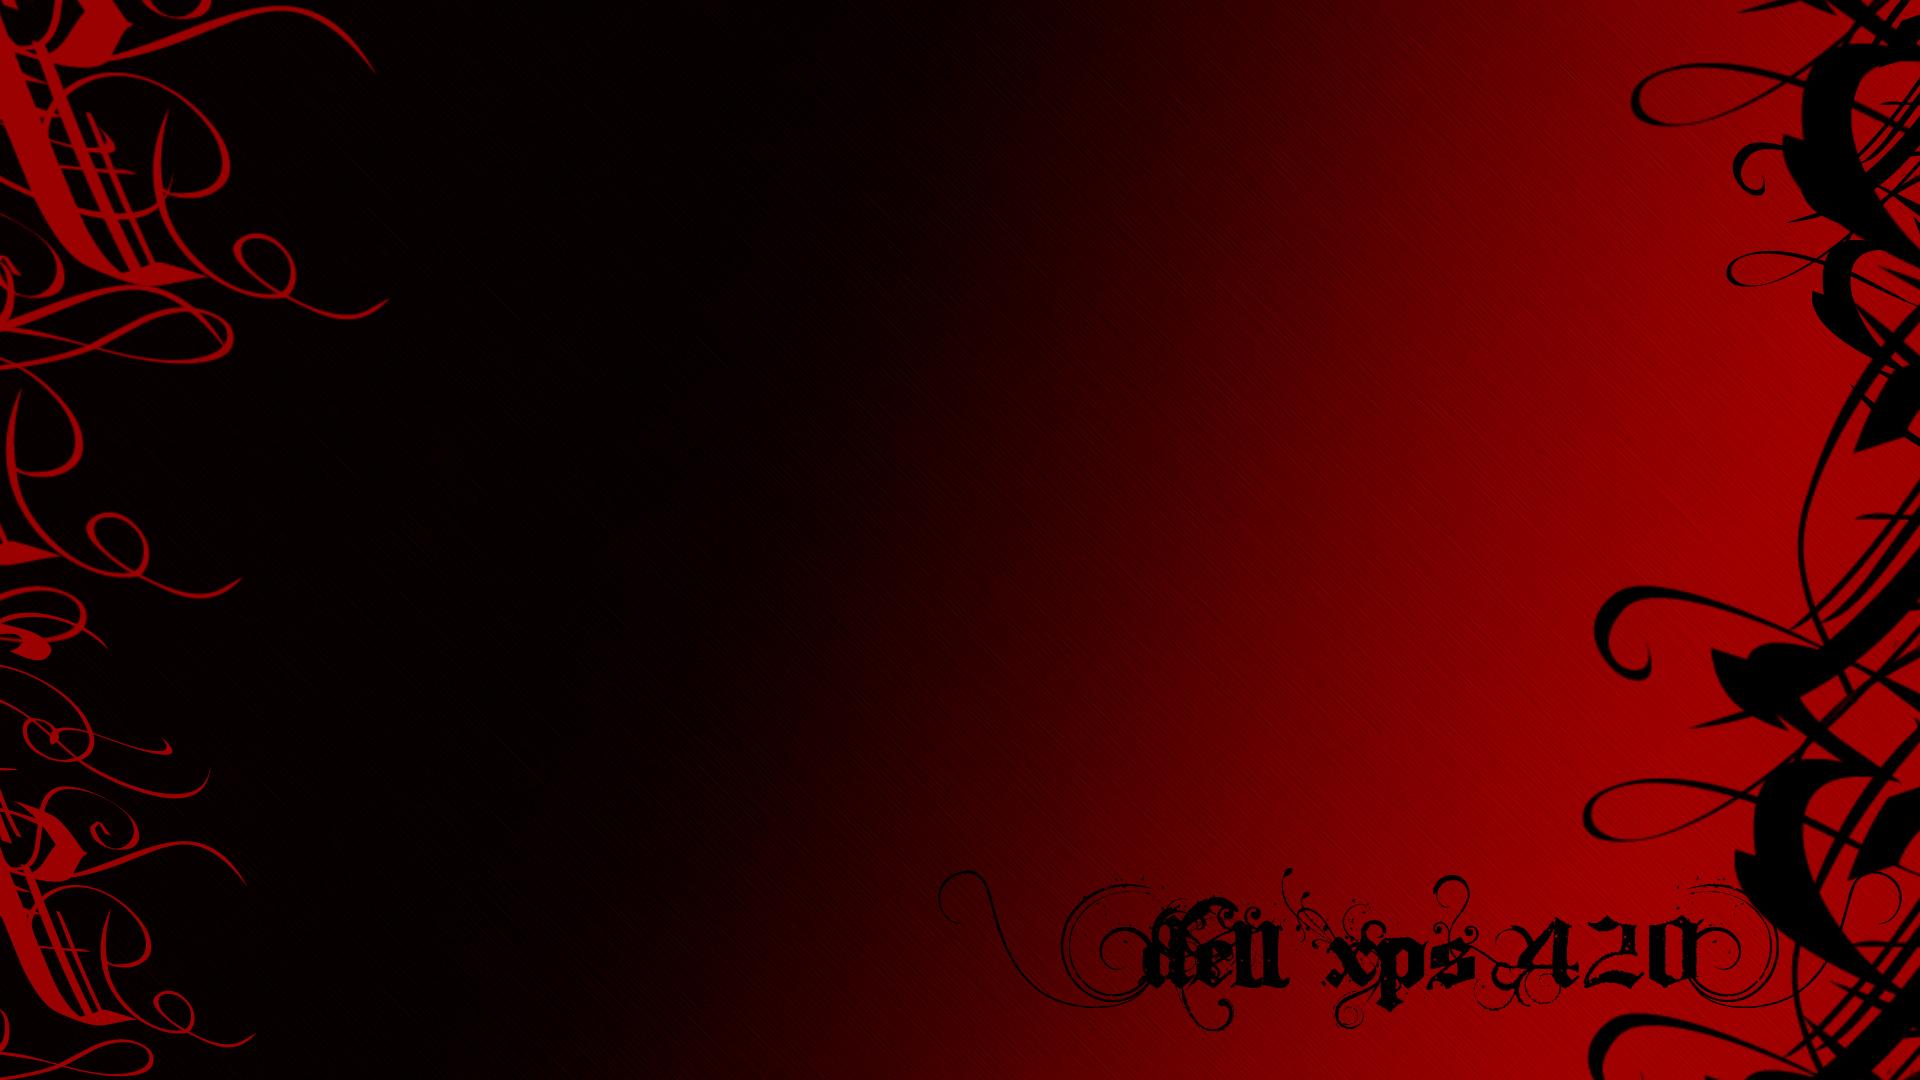 Dell Xps wallpaper 226725 1920x1080